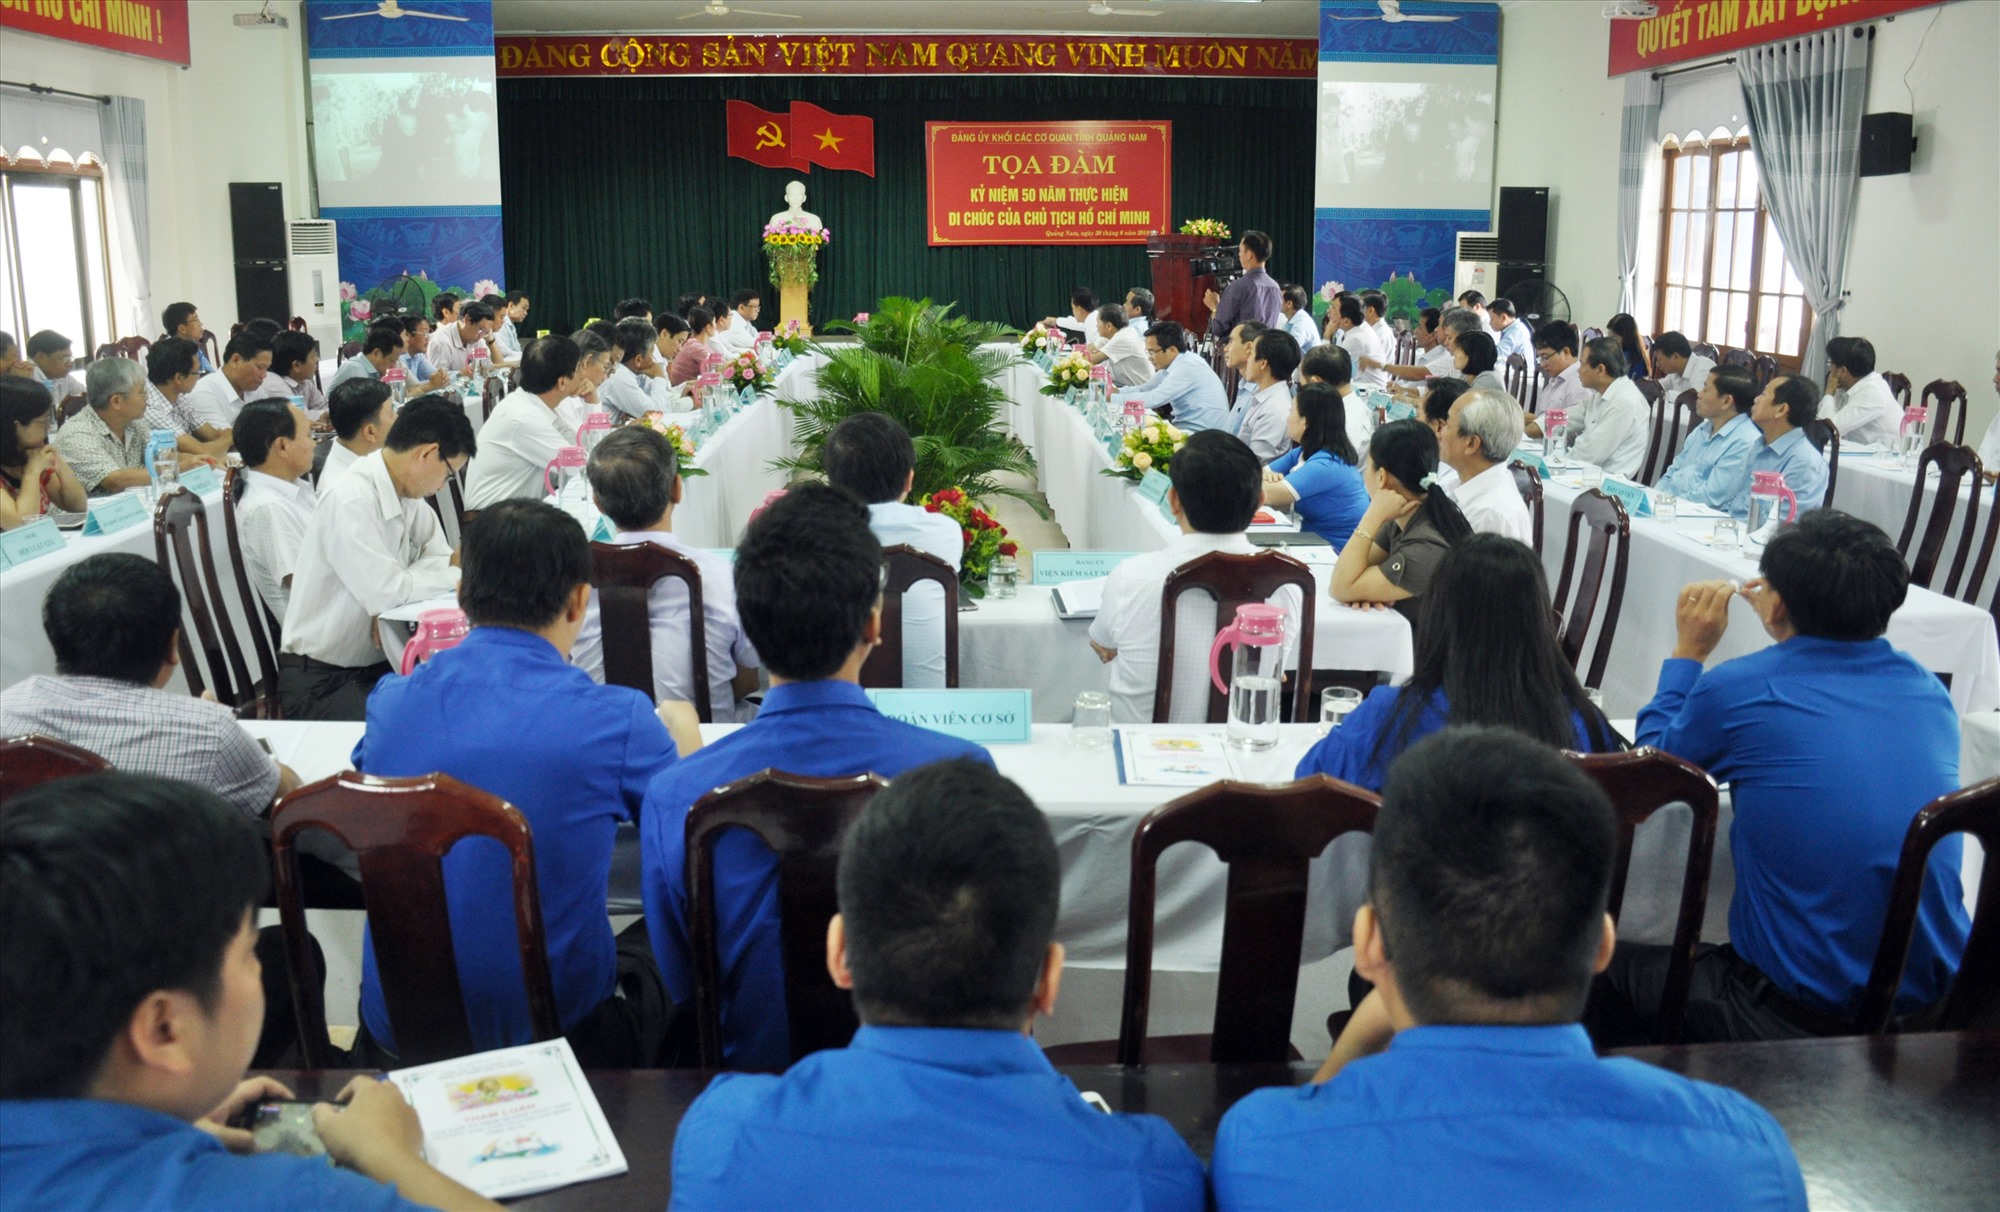 Ban Thường vụ Đảng ủy Khối các cơ quan tỉnh tổ chức tọa đàm 50 năm thực hiện Di chúc của Chủ tịch Hồ Chí Minh. Ảnh: N.Đ